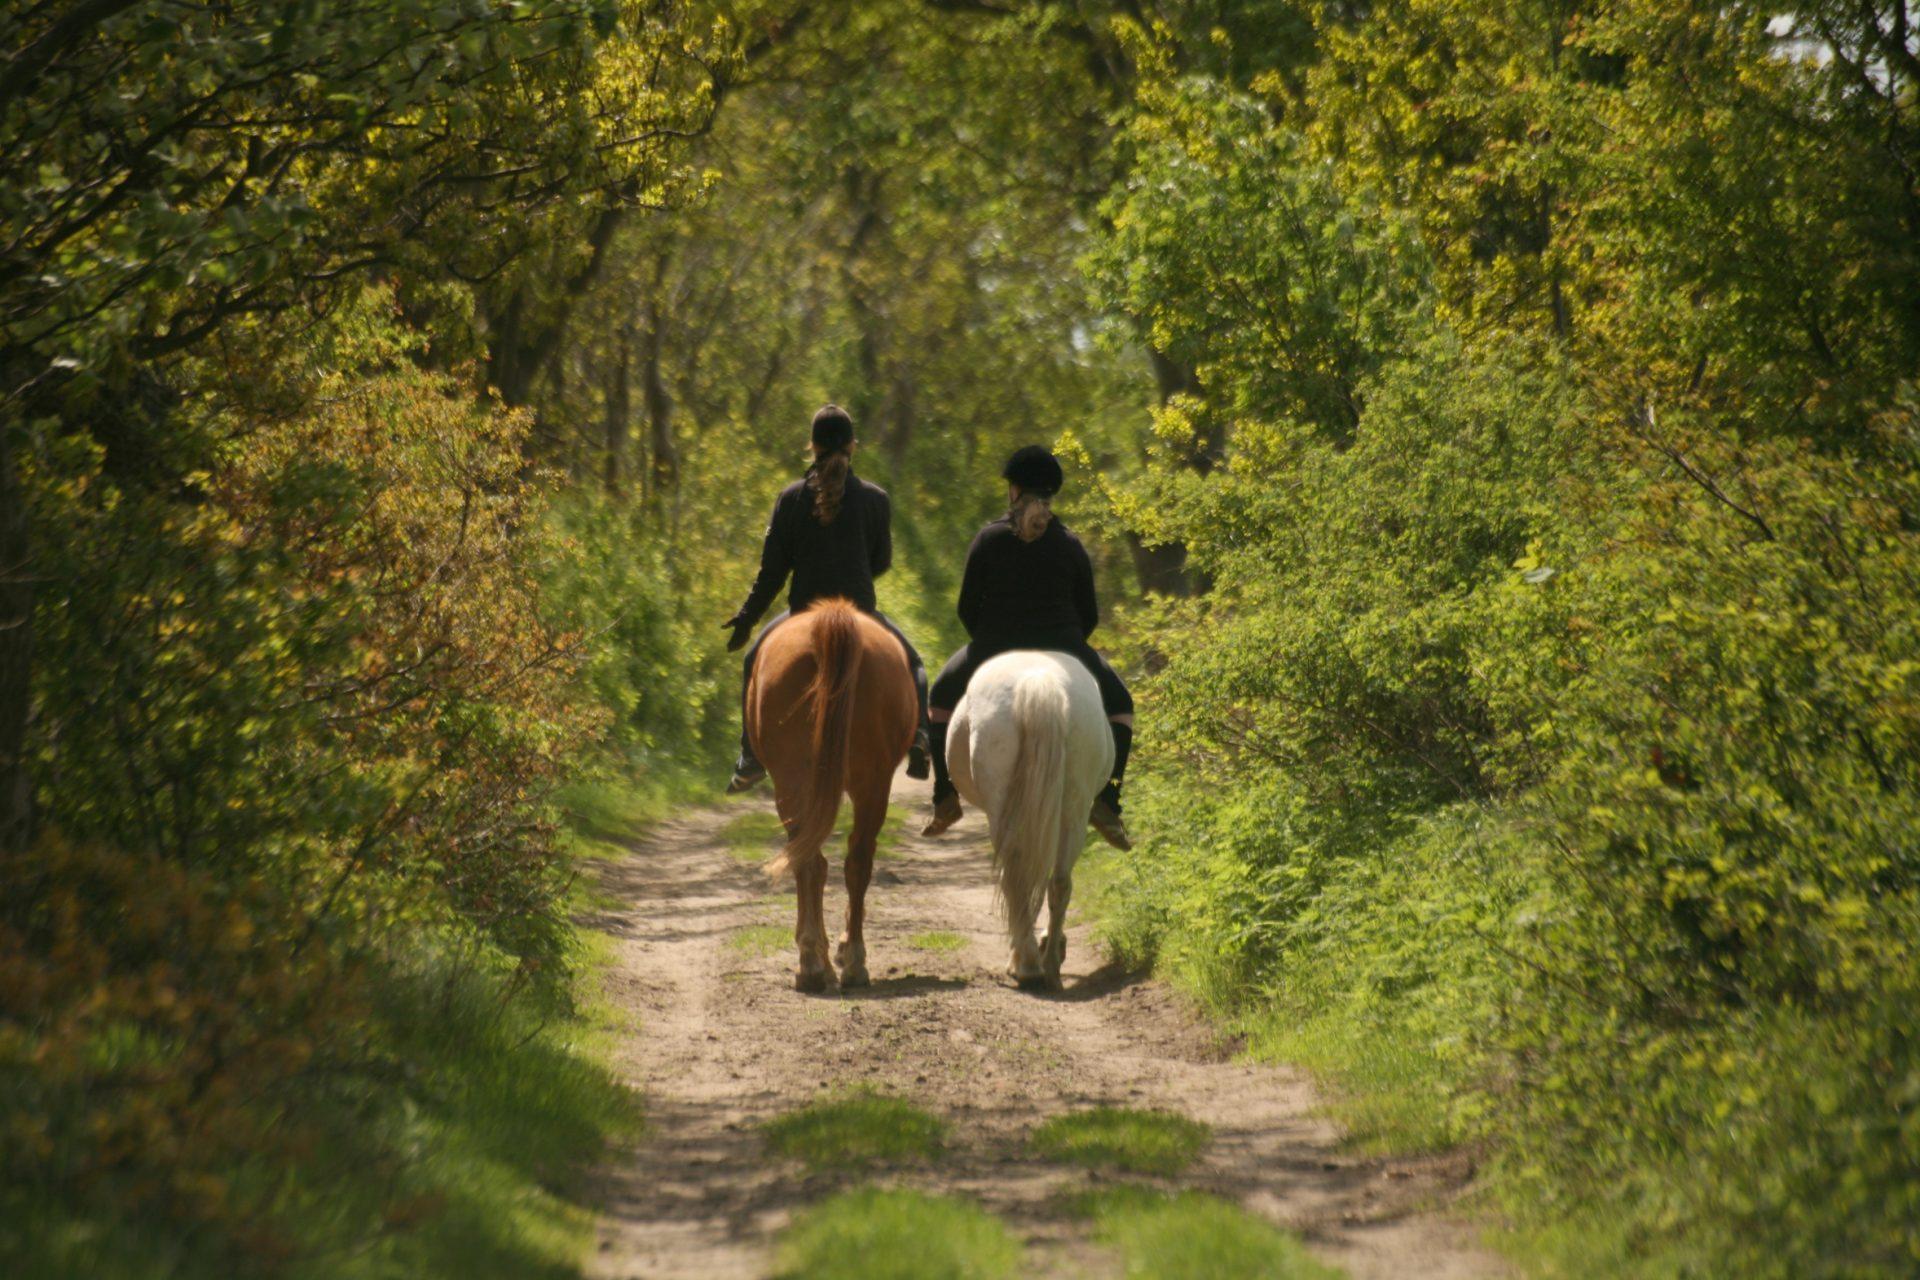 Zwei Mädchen auf Pferden auf einem idyllischen Feldweg